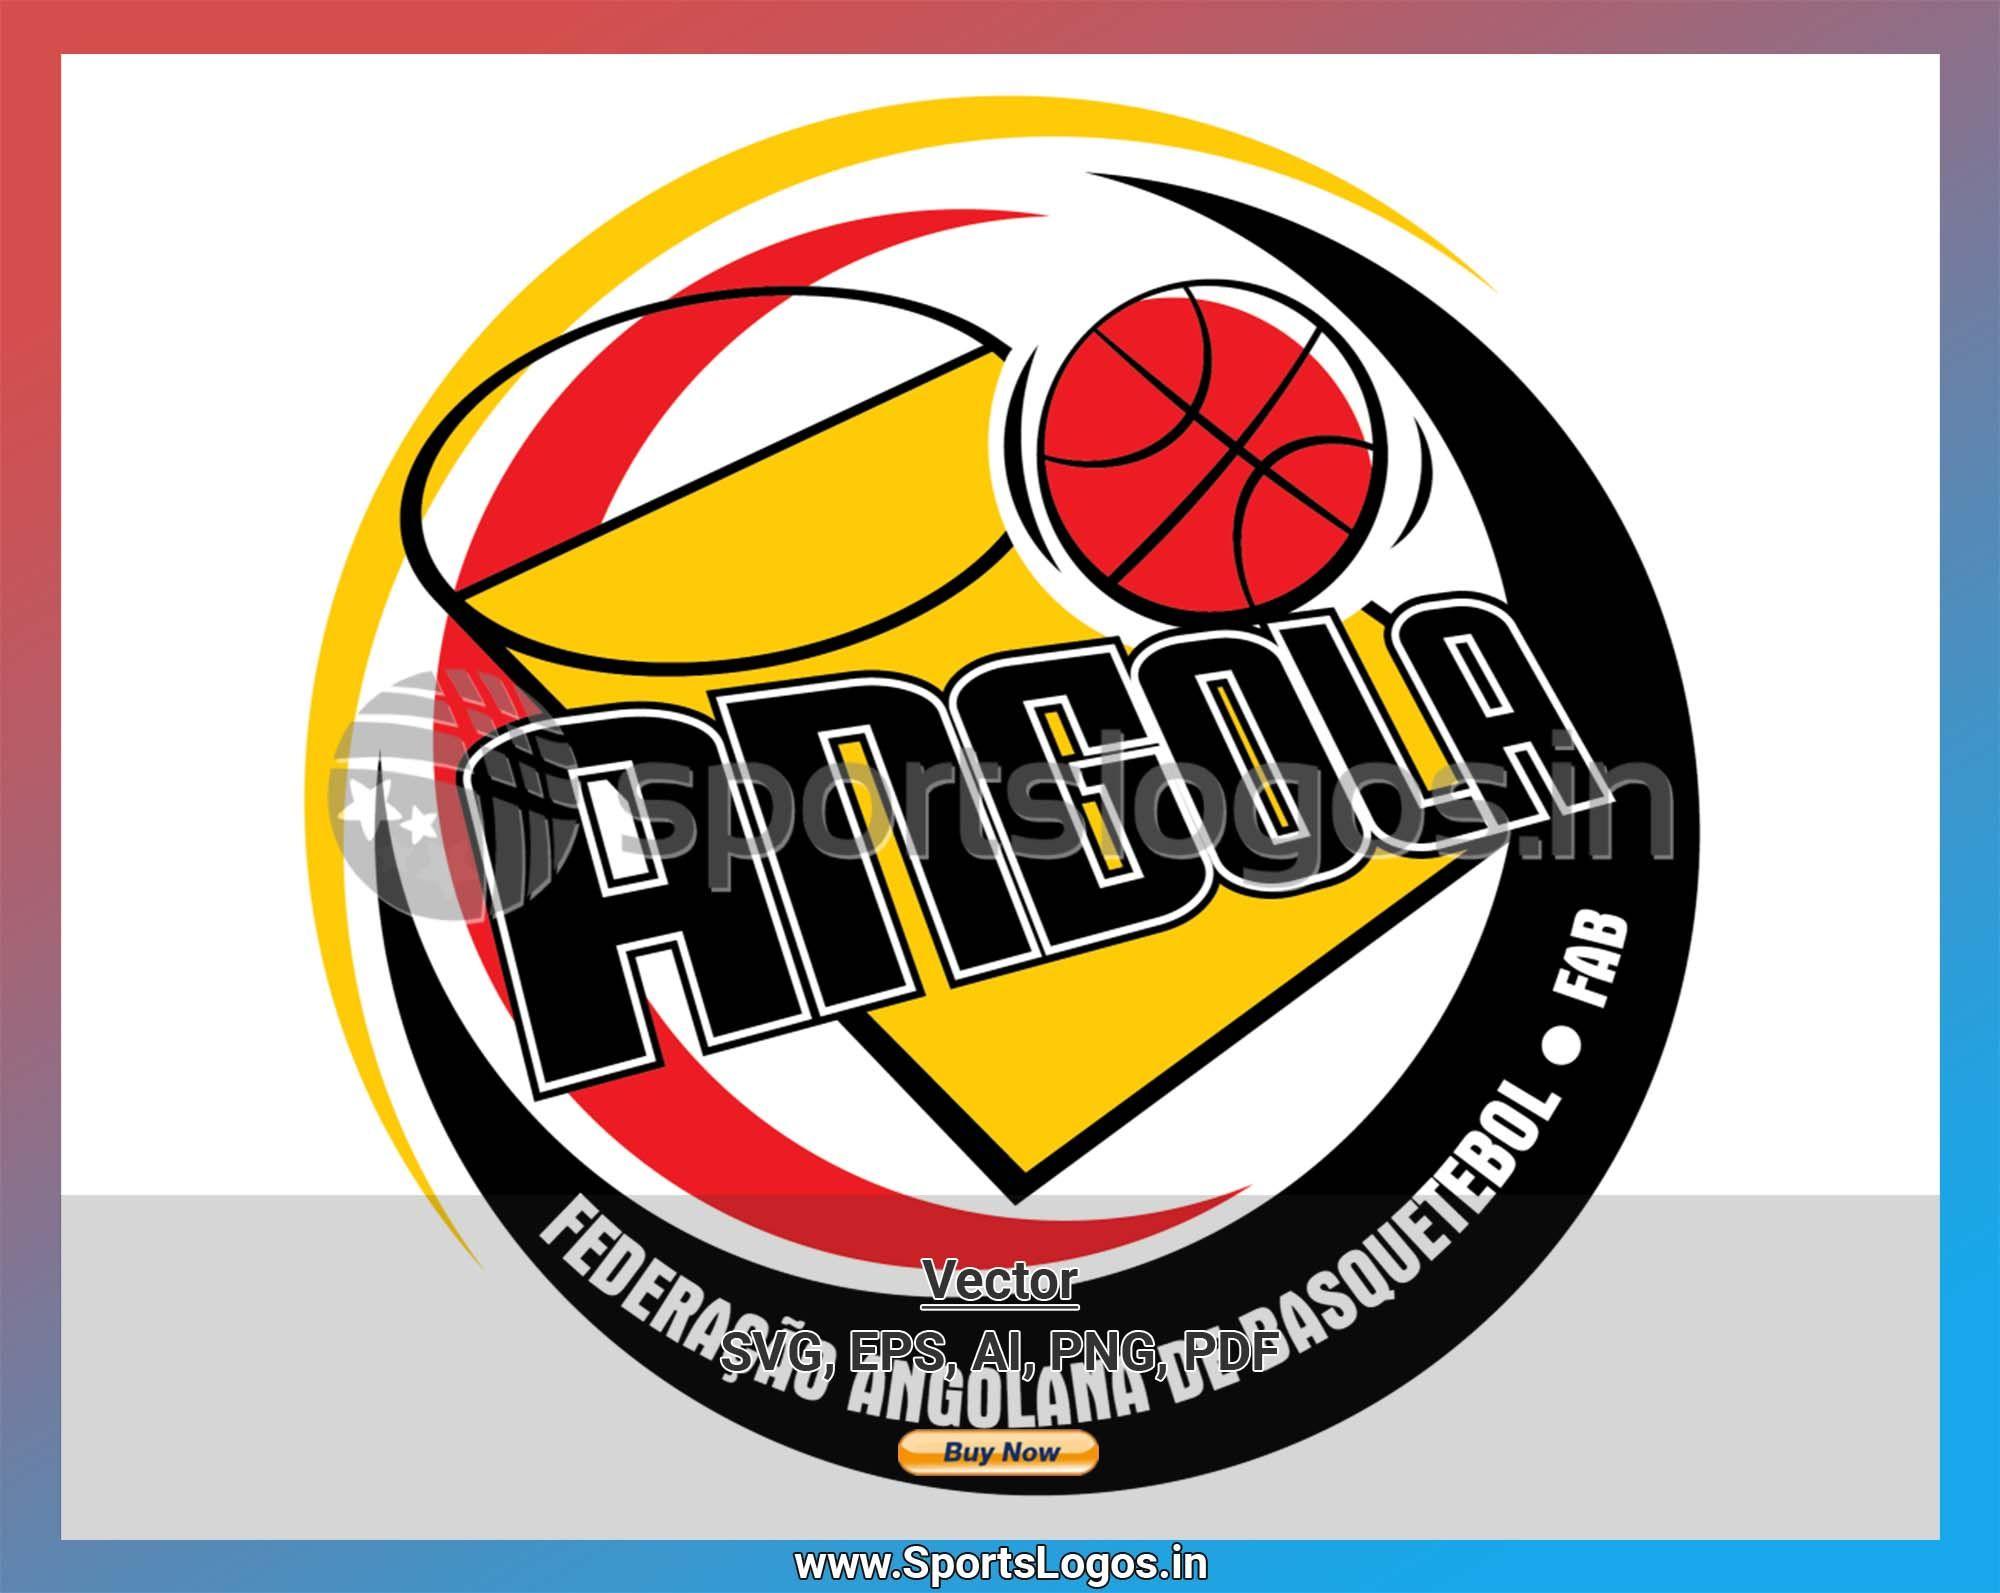 Angola 2000, Federation Internationale de Basketball